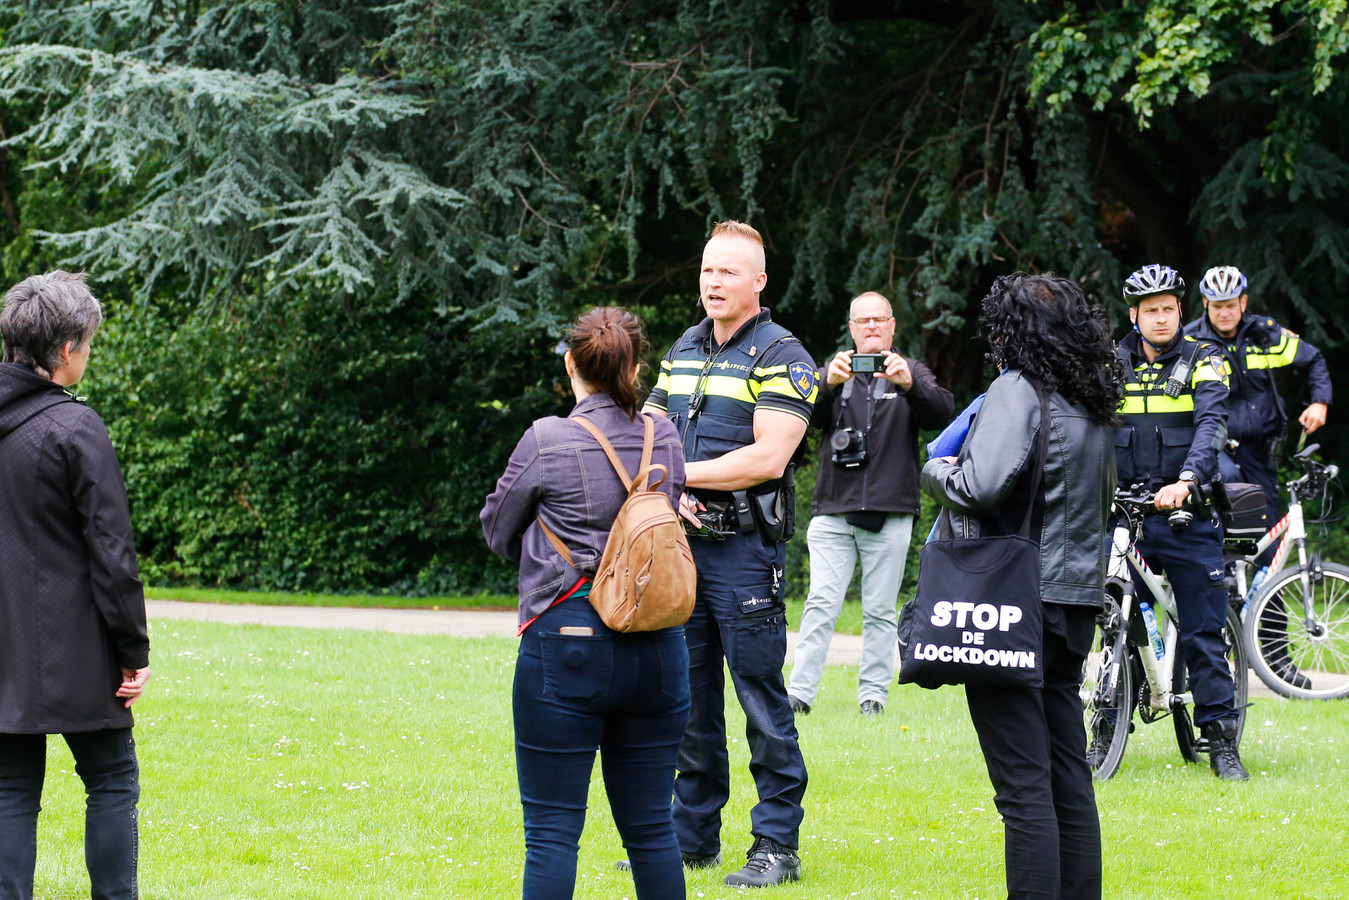 Agenten in gesprek met de demonstranten in het Weizigtpark in Dordrecht.